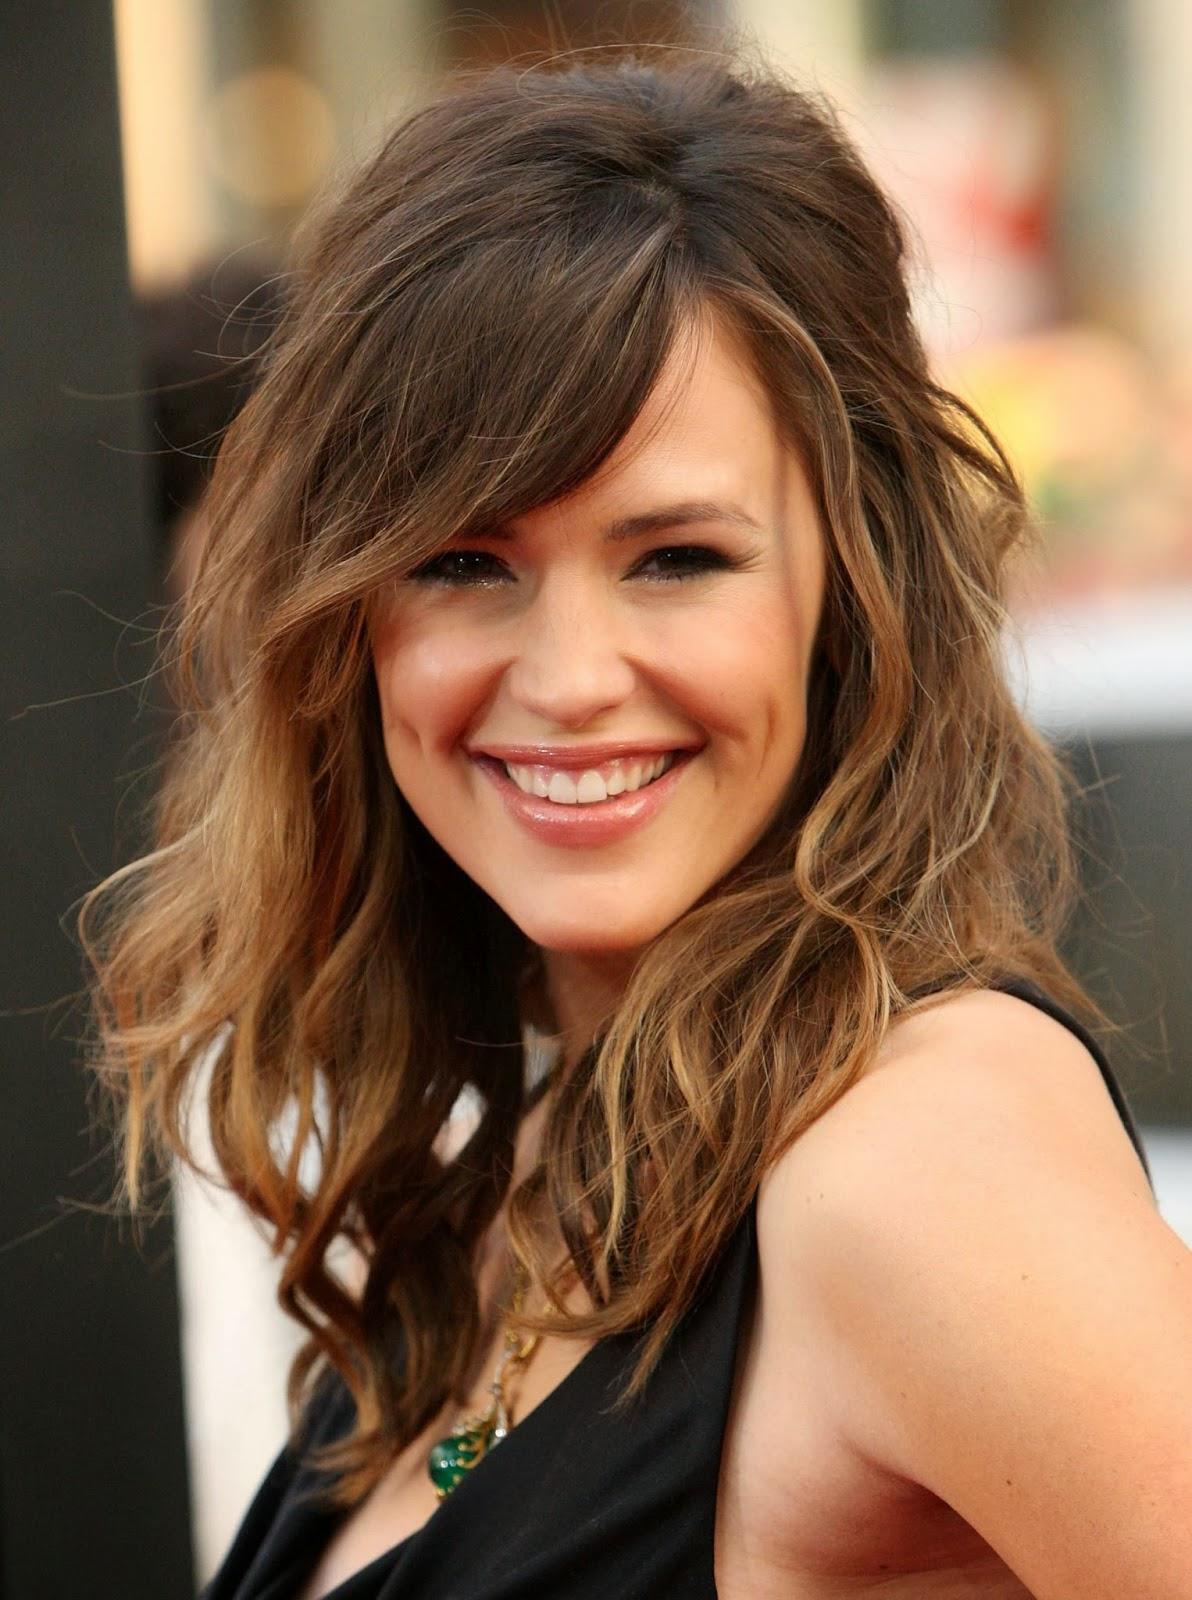 Hairstyles For Long Hair Women Pinterest Hair Fashion